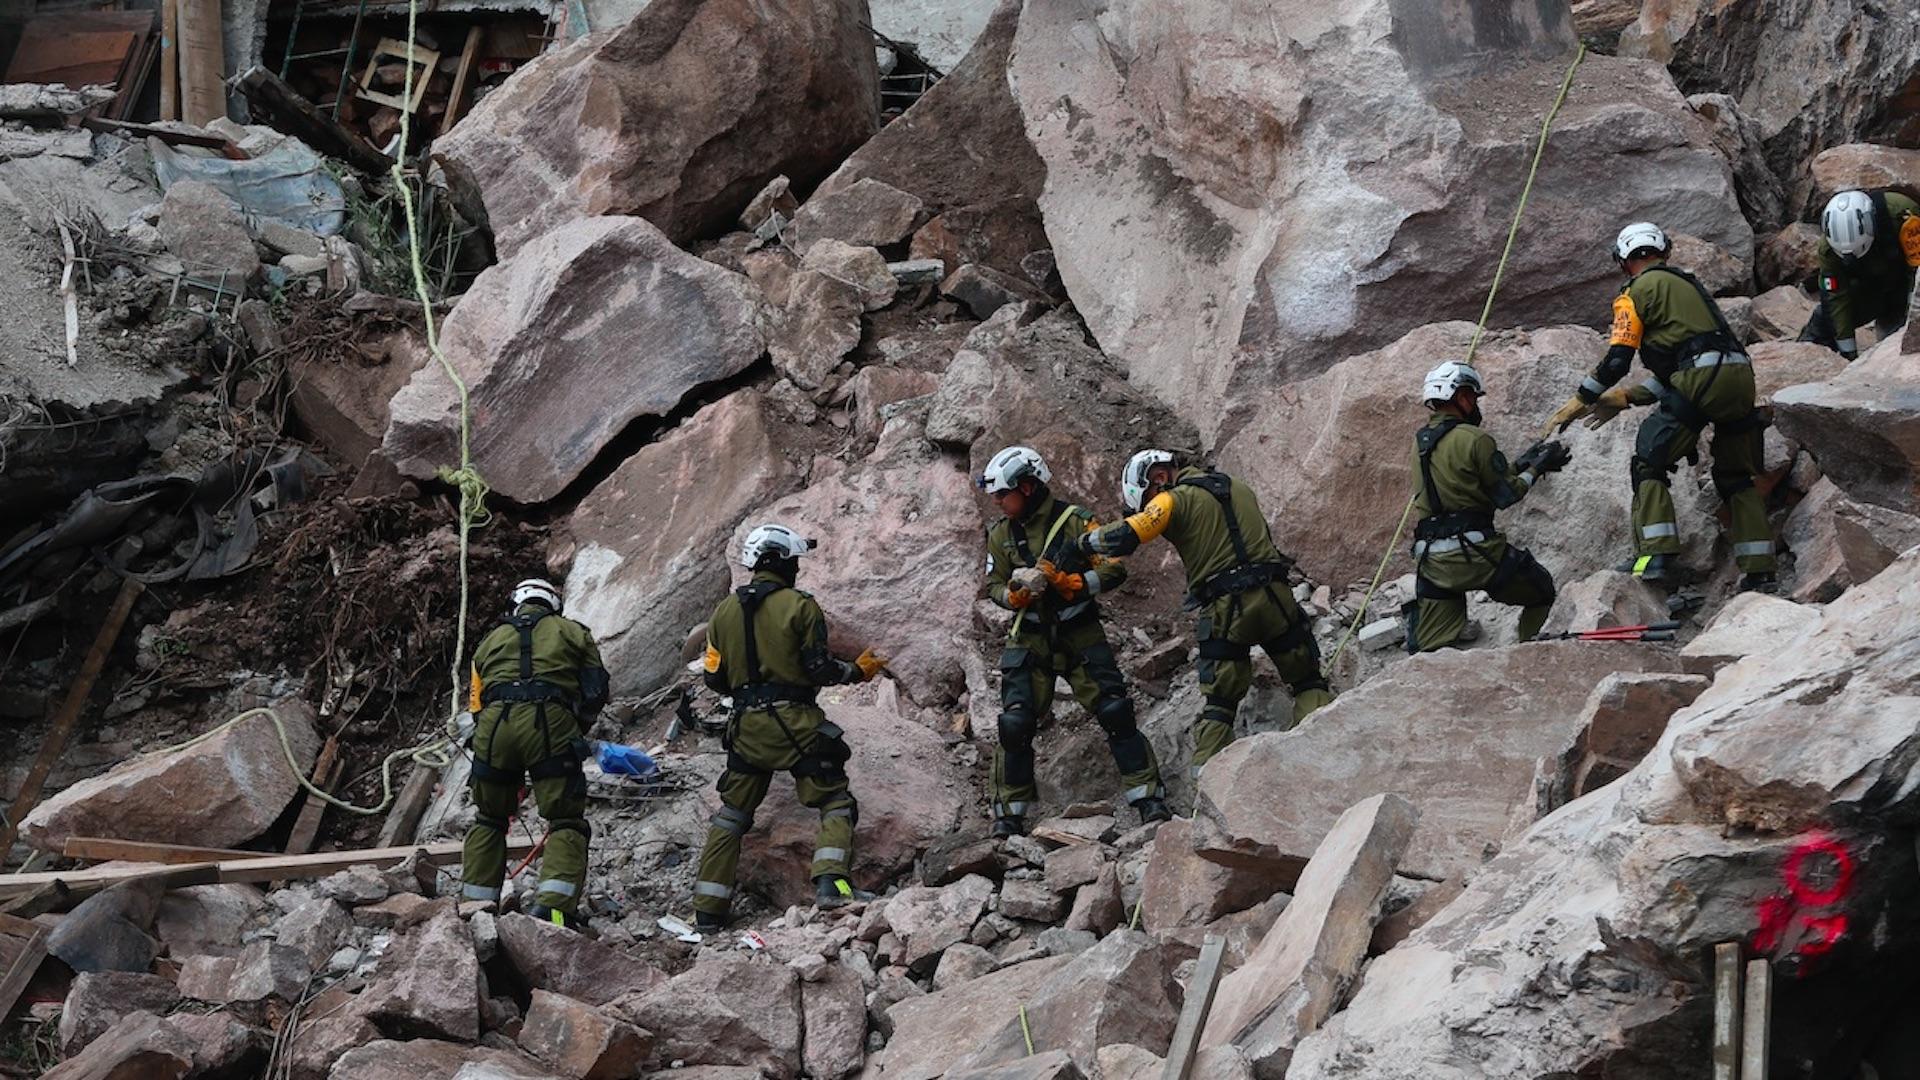 Piden desalojar viviendas en inmediaciones del cerro del Chiquihuite. Foto de EFE